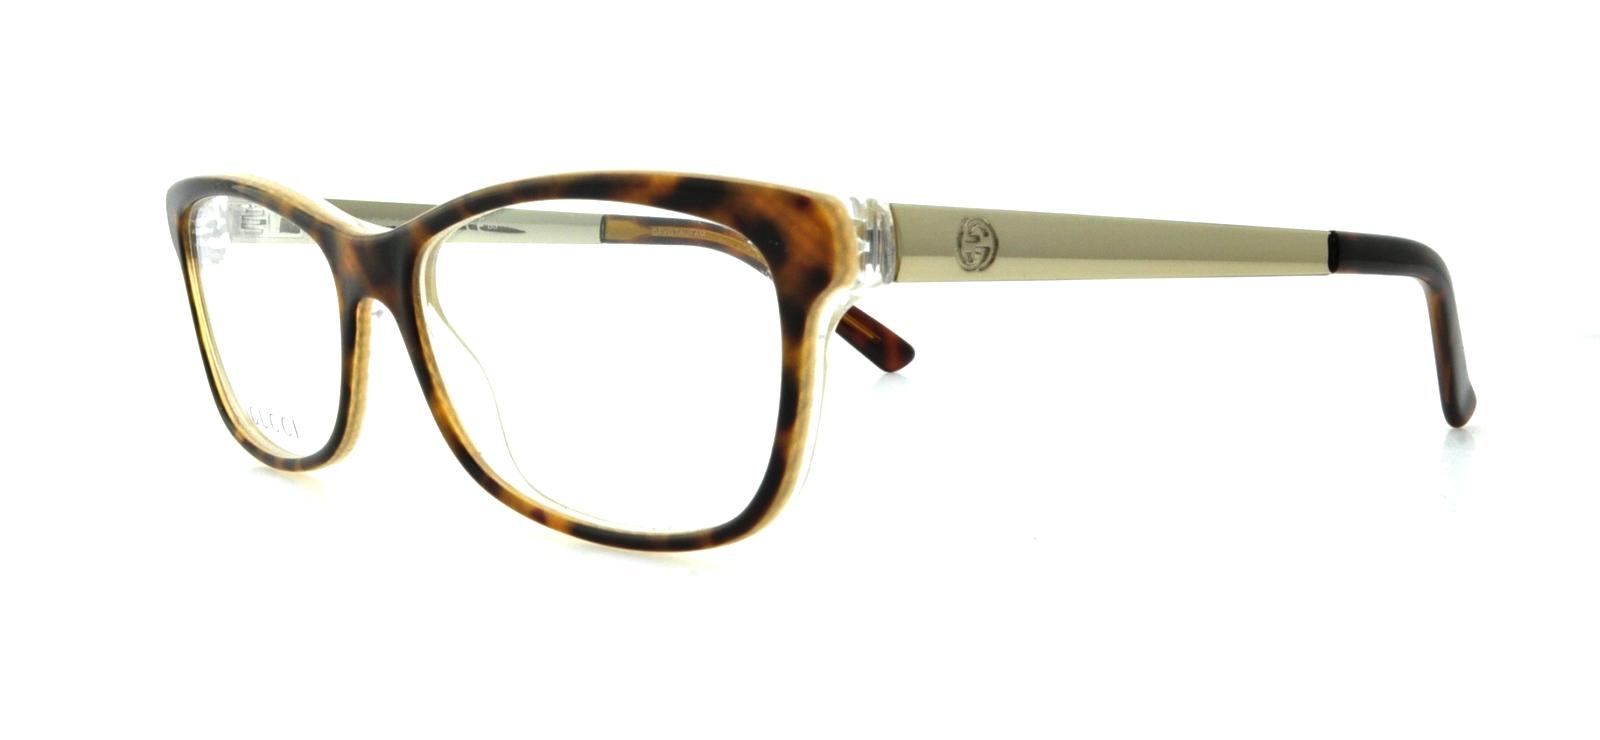 b08076a12bba8 Designer Frames Outlet. Gucci 3678